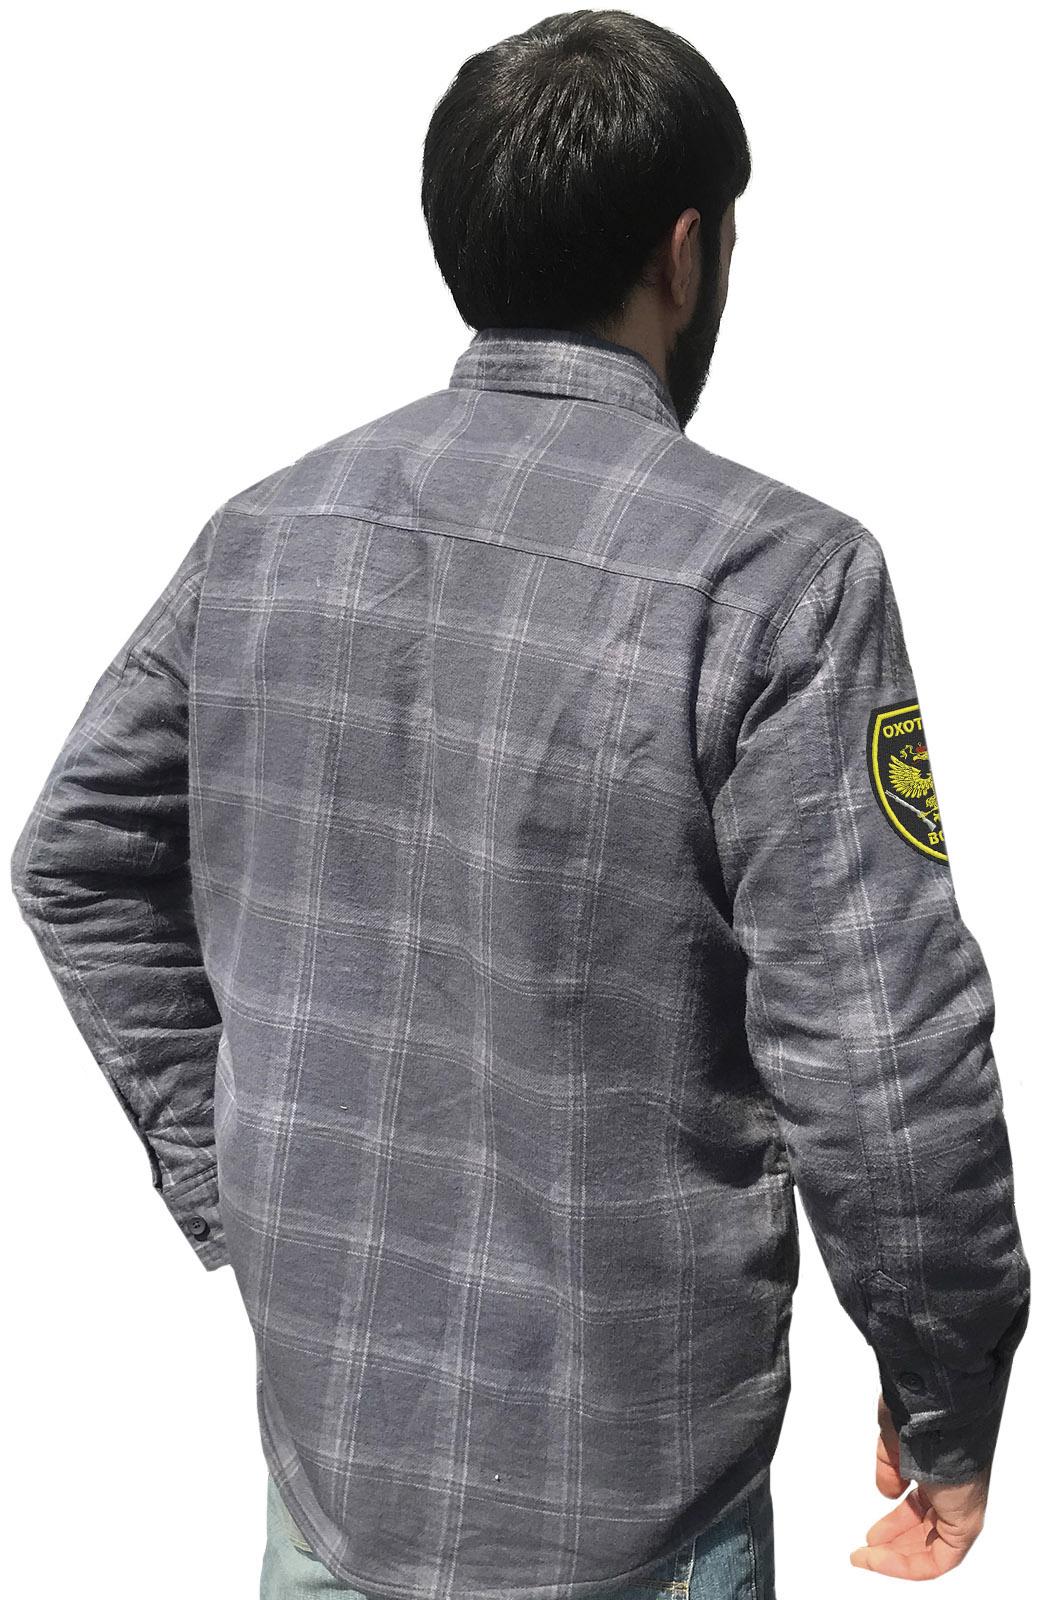 Купить строгую рубашку с вышитым шевроном Охотничьи Войска с доставкой или самовывозом